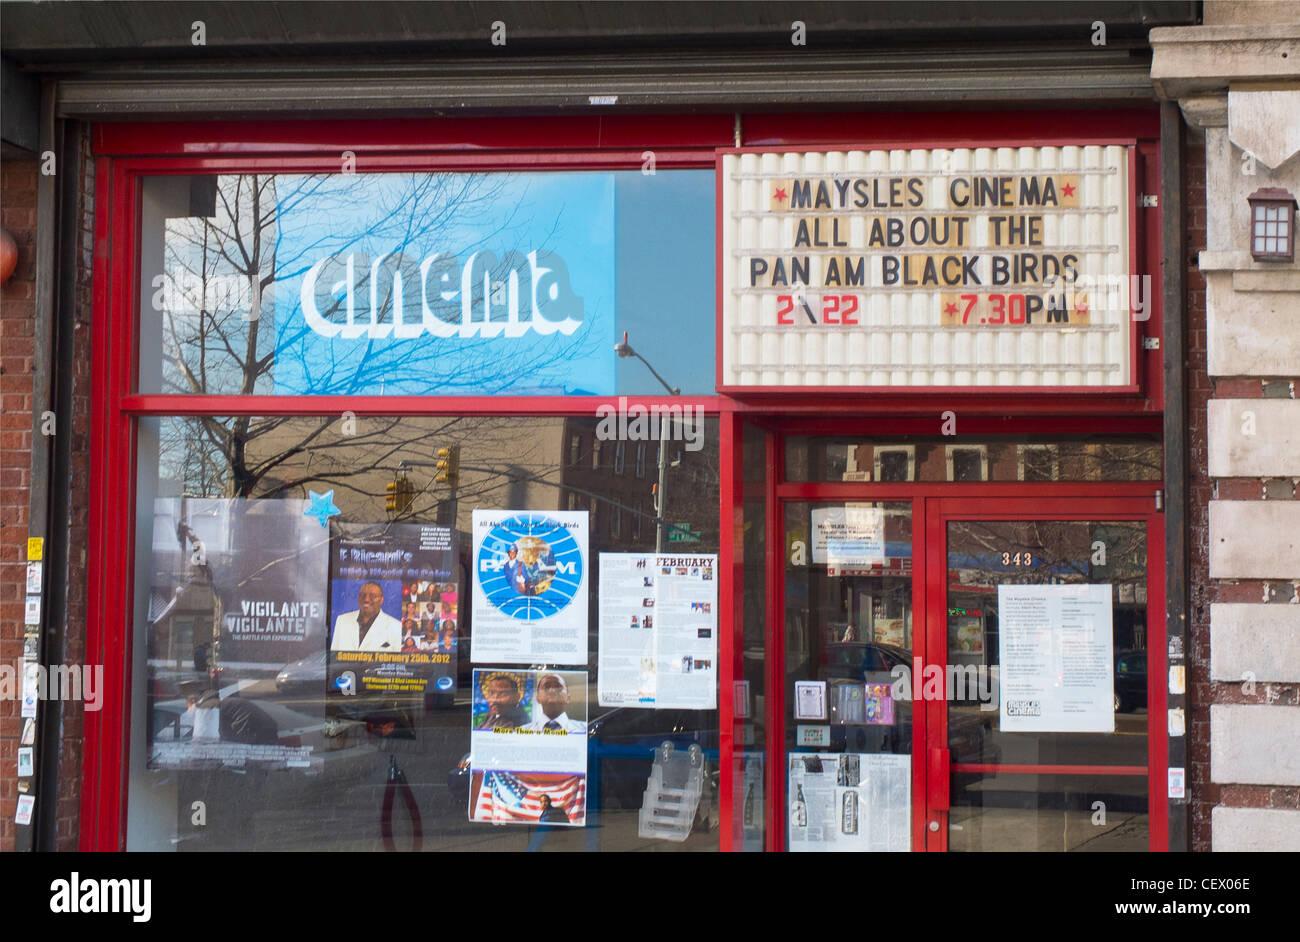 Maysles cinema sign - Stock Image